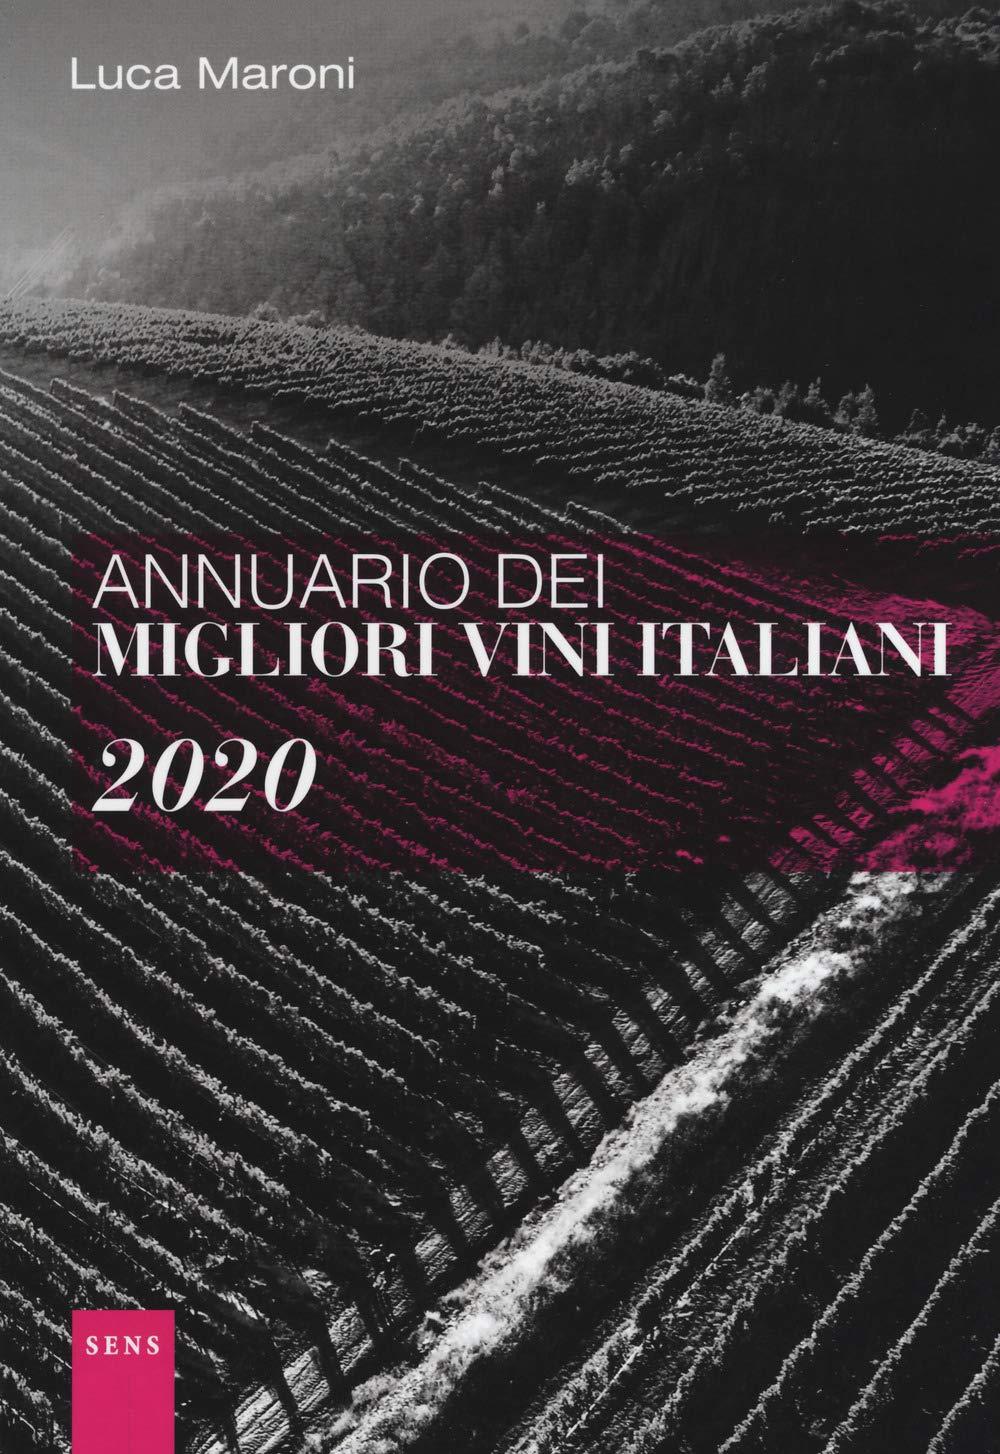 Annuario-I-Migliori-Vini-Italiani-2020-Luca-Maroni-vendita-libreria-online